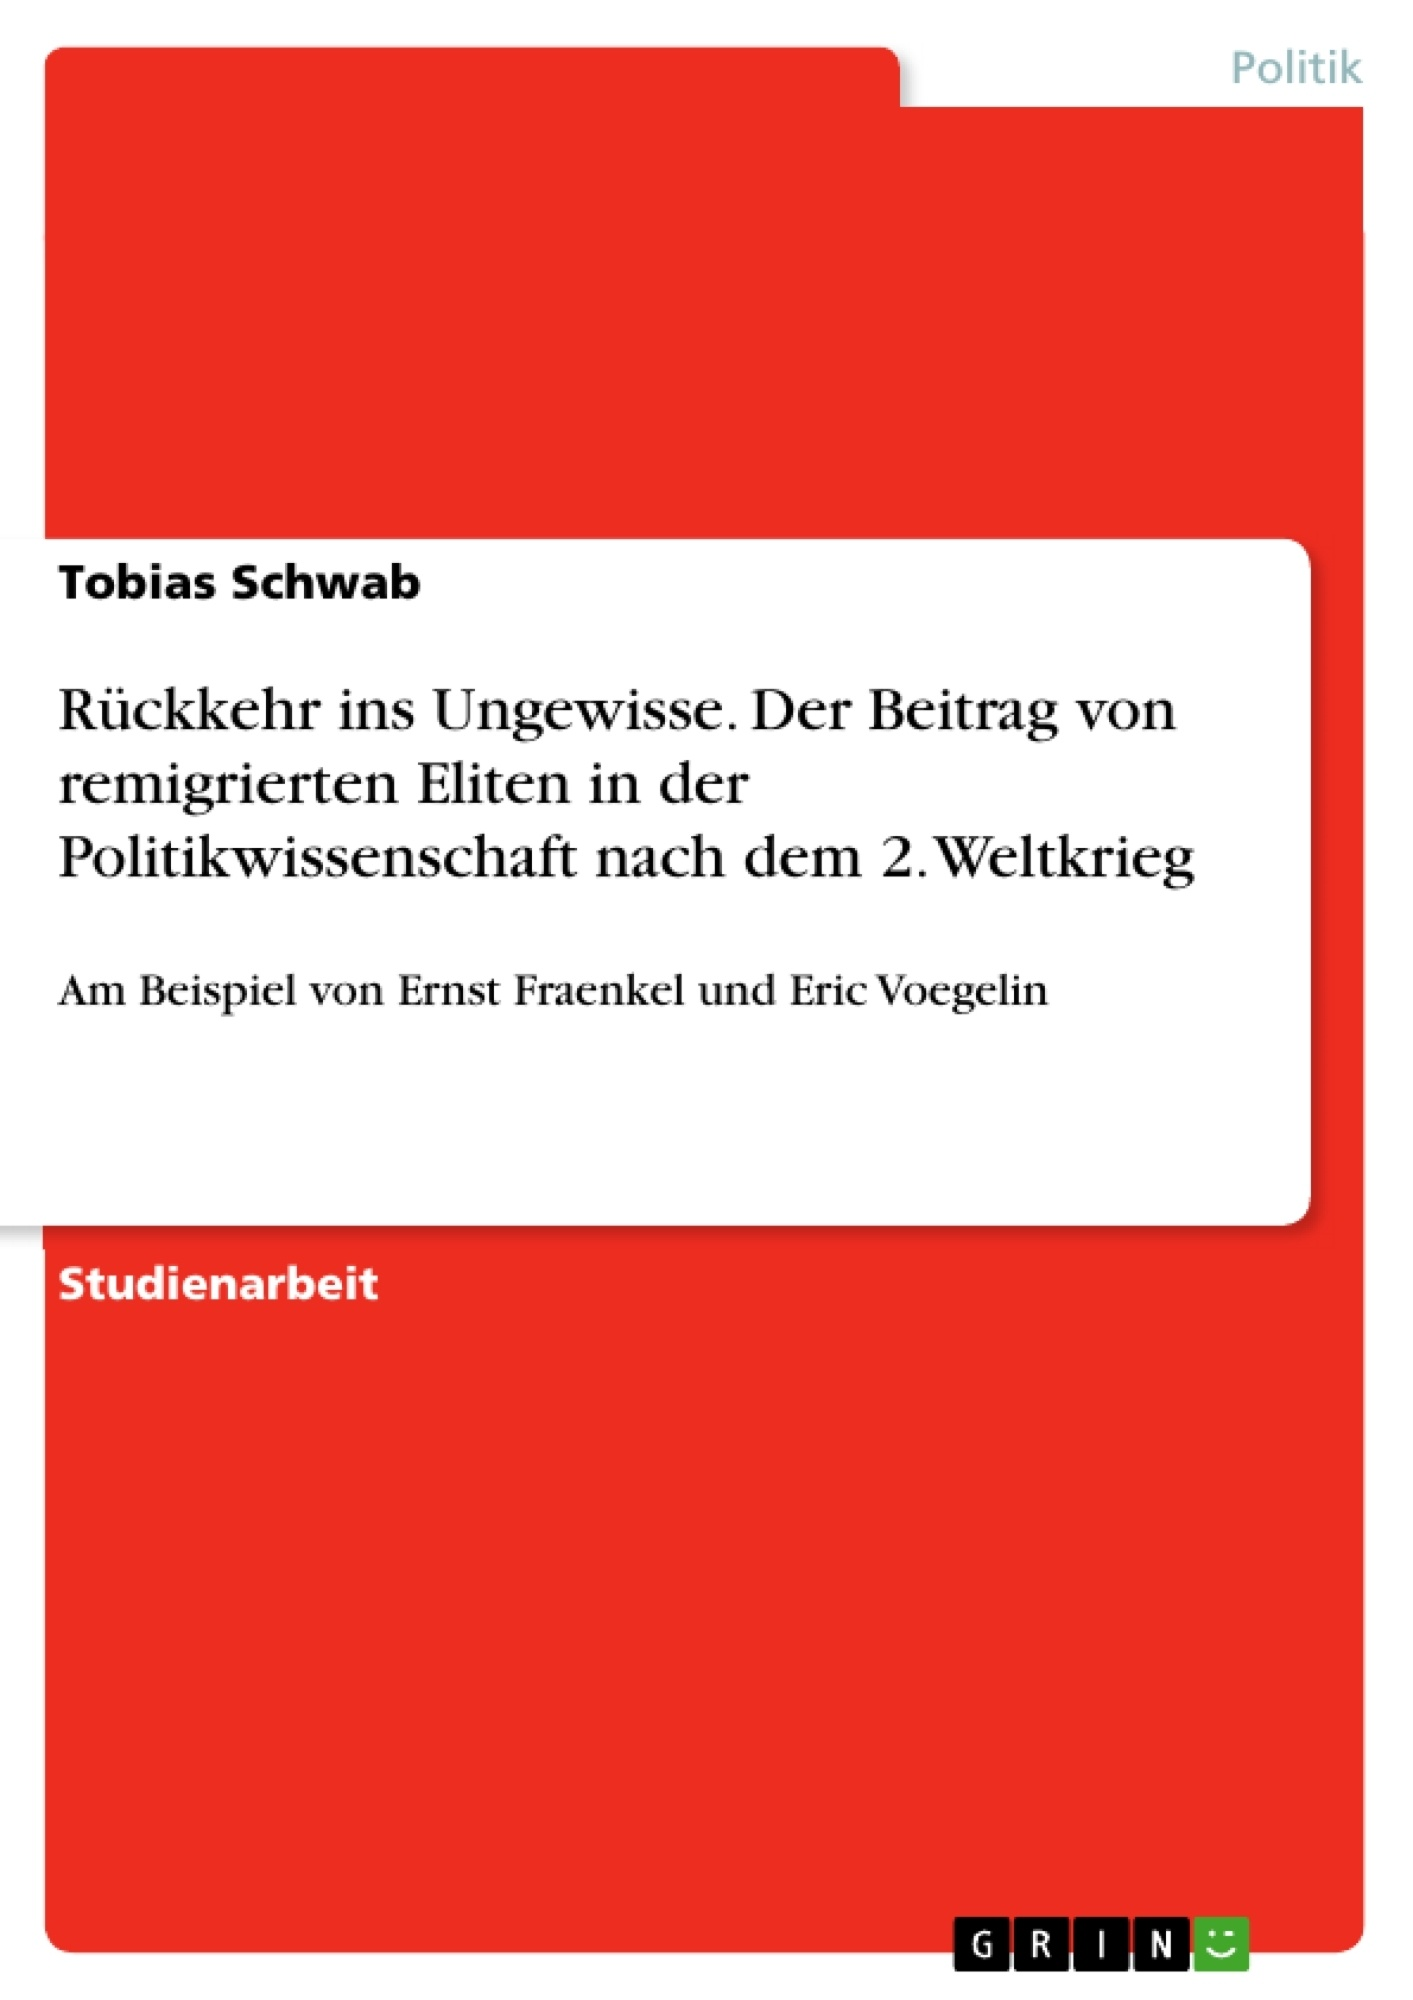 Titel: Rückkehr ins Ungewisse. Der Beitrag von remigrierten Eliten in der Politikwissenschaft nach dem 2. Weltkrieg